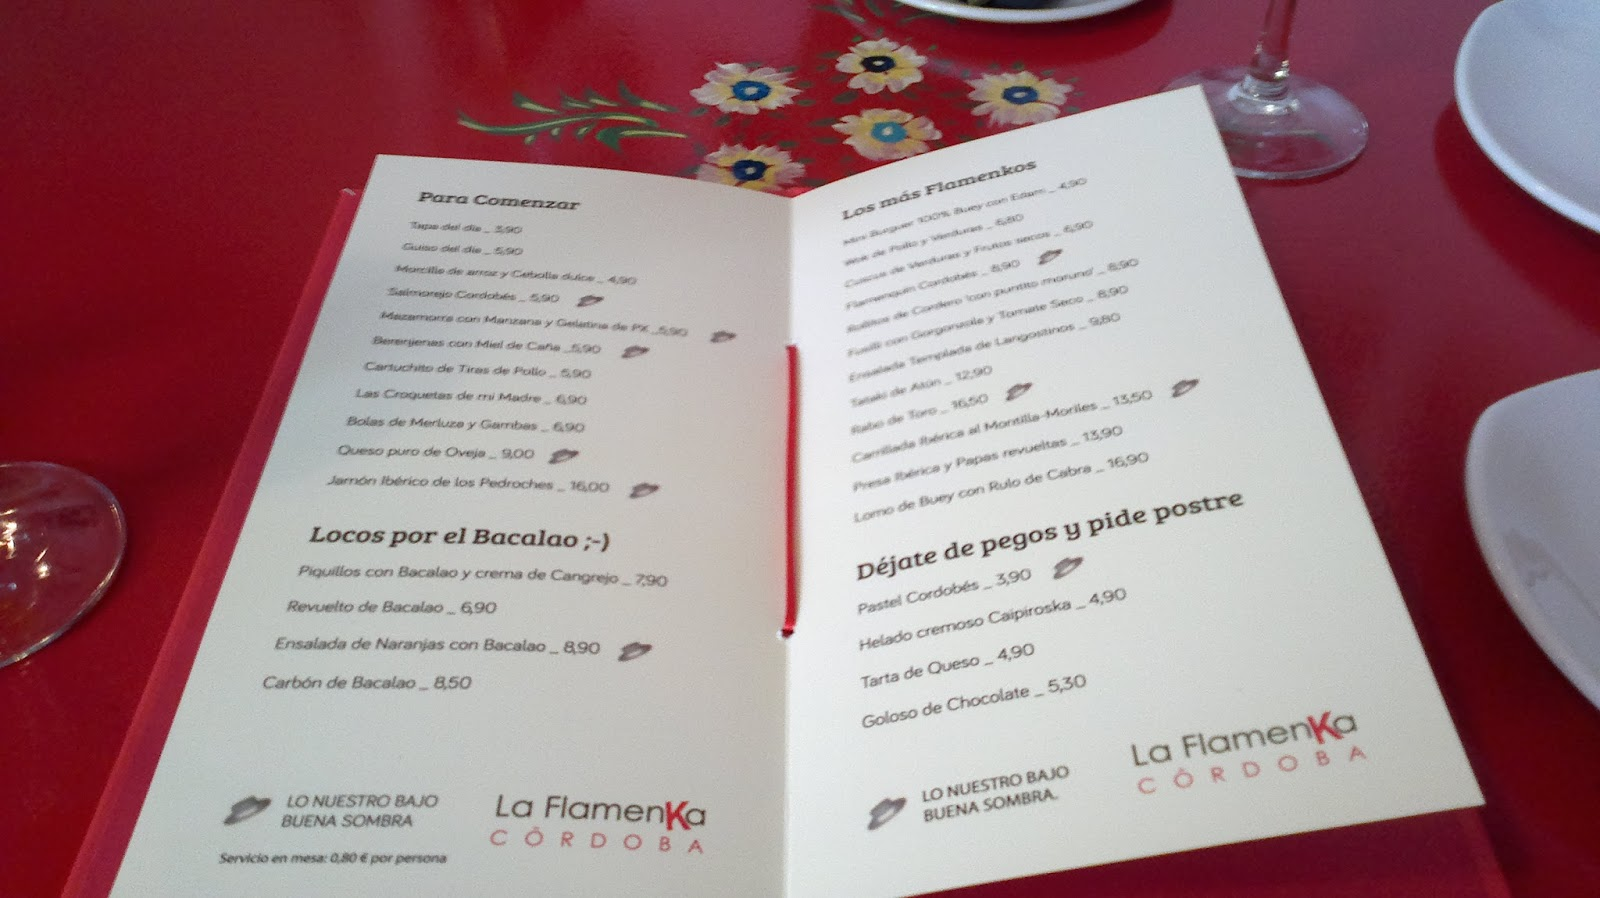 Aderramar vinos la flamenka m s que un restaurante for Cocina 33 cordoba